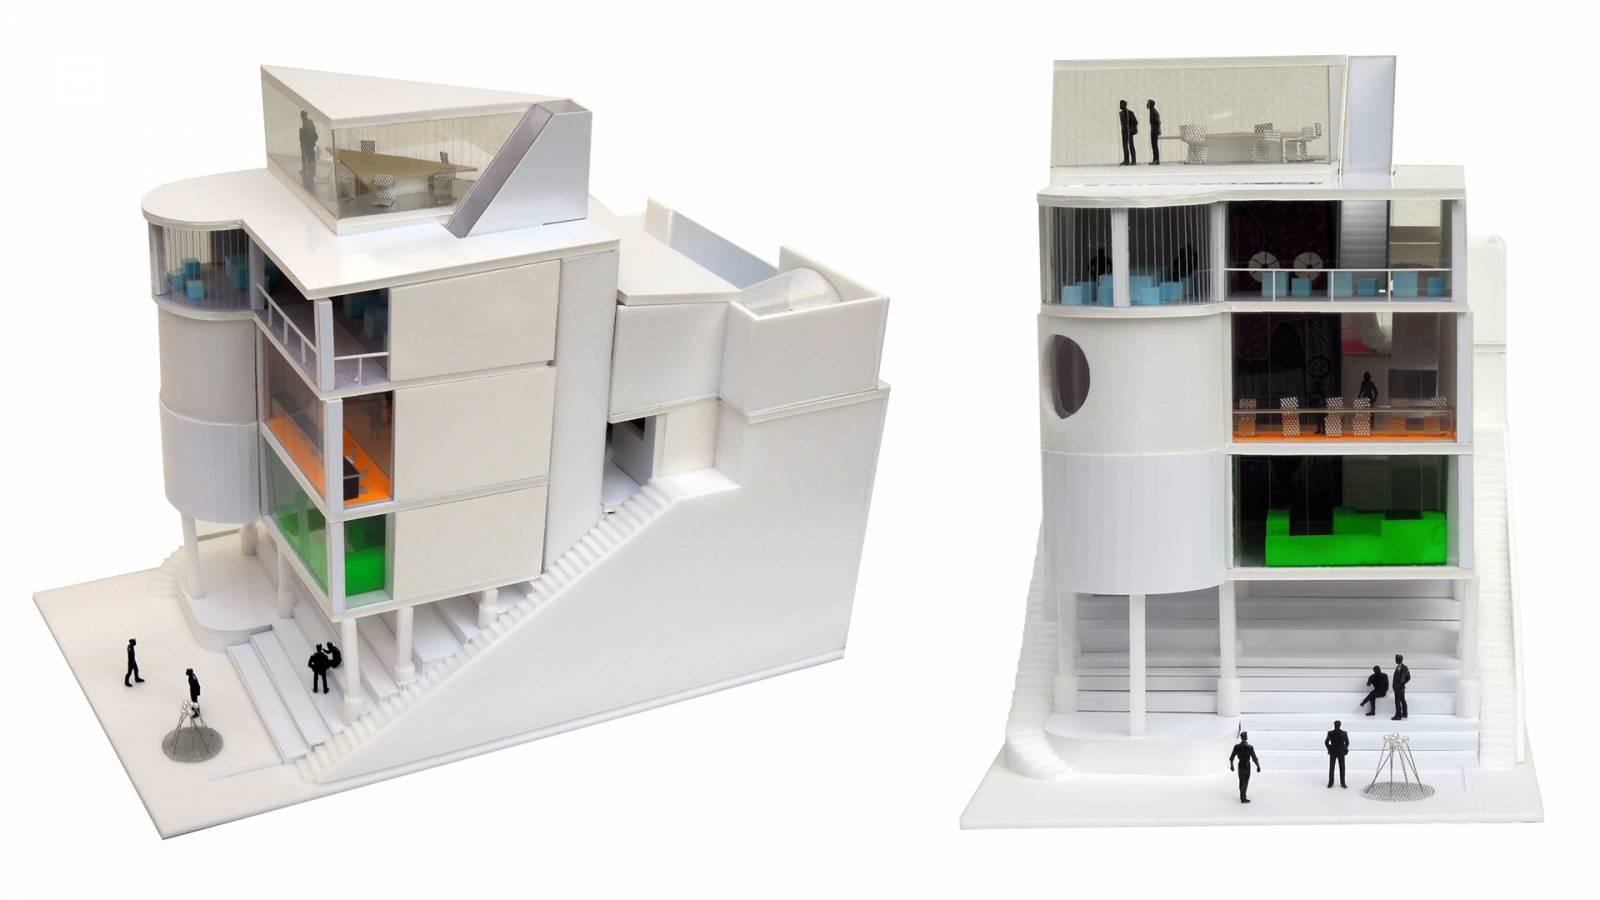 MODEL - Zeppelin Films - SPOL Architects